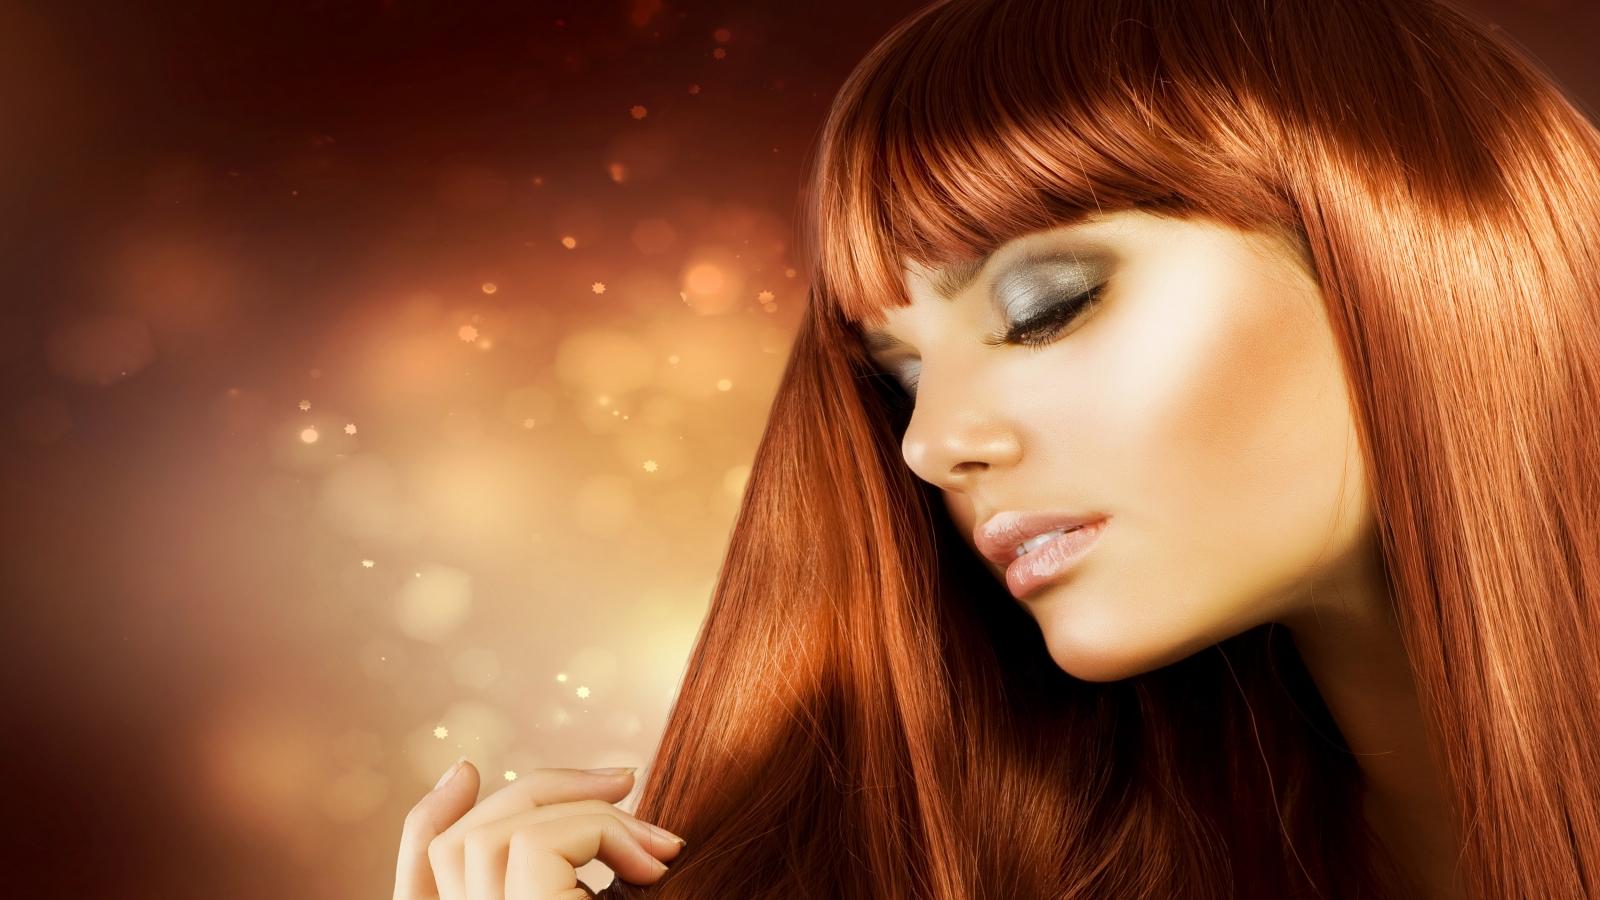 Девушка с красивыми, рыжими волосами